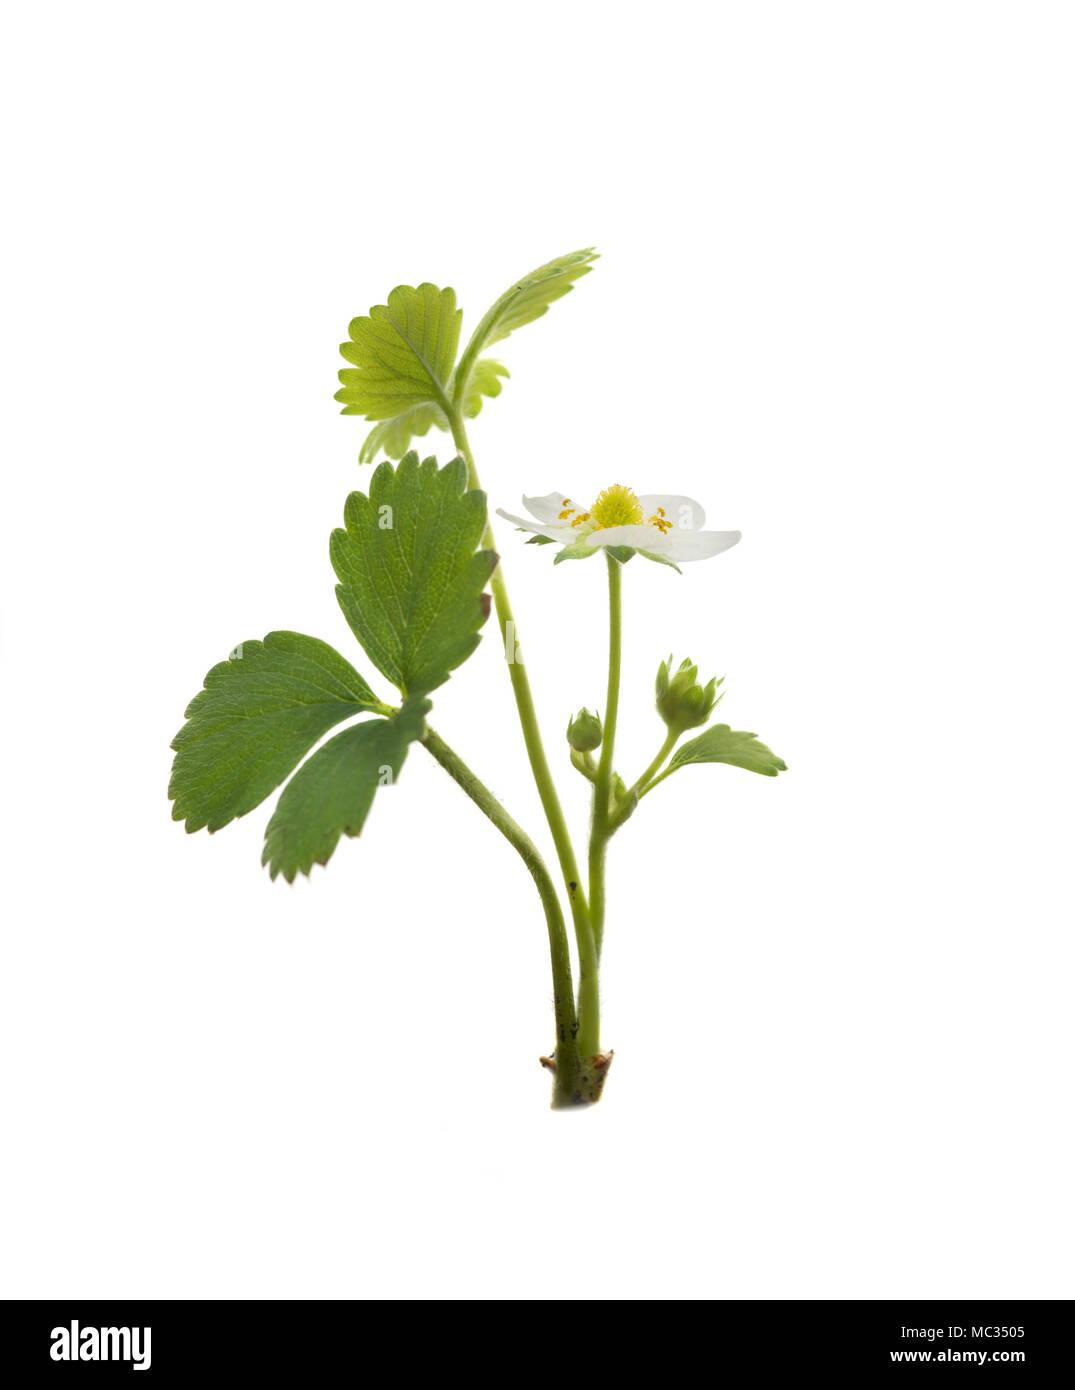 Strawberry plant isolated on white background - Stock Image